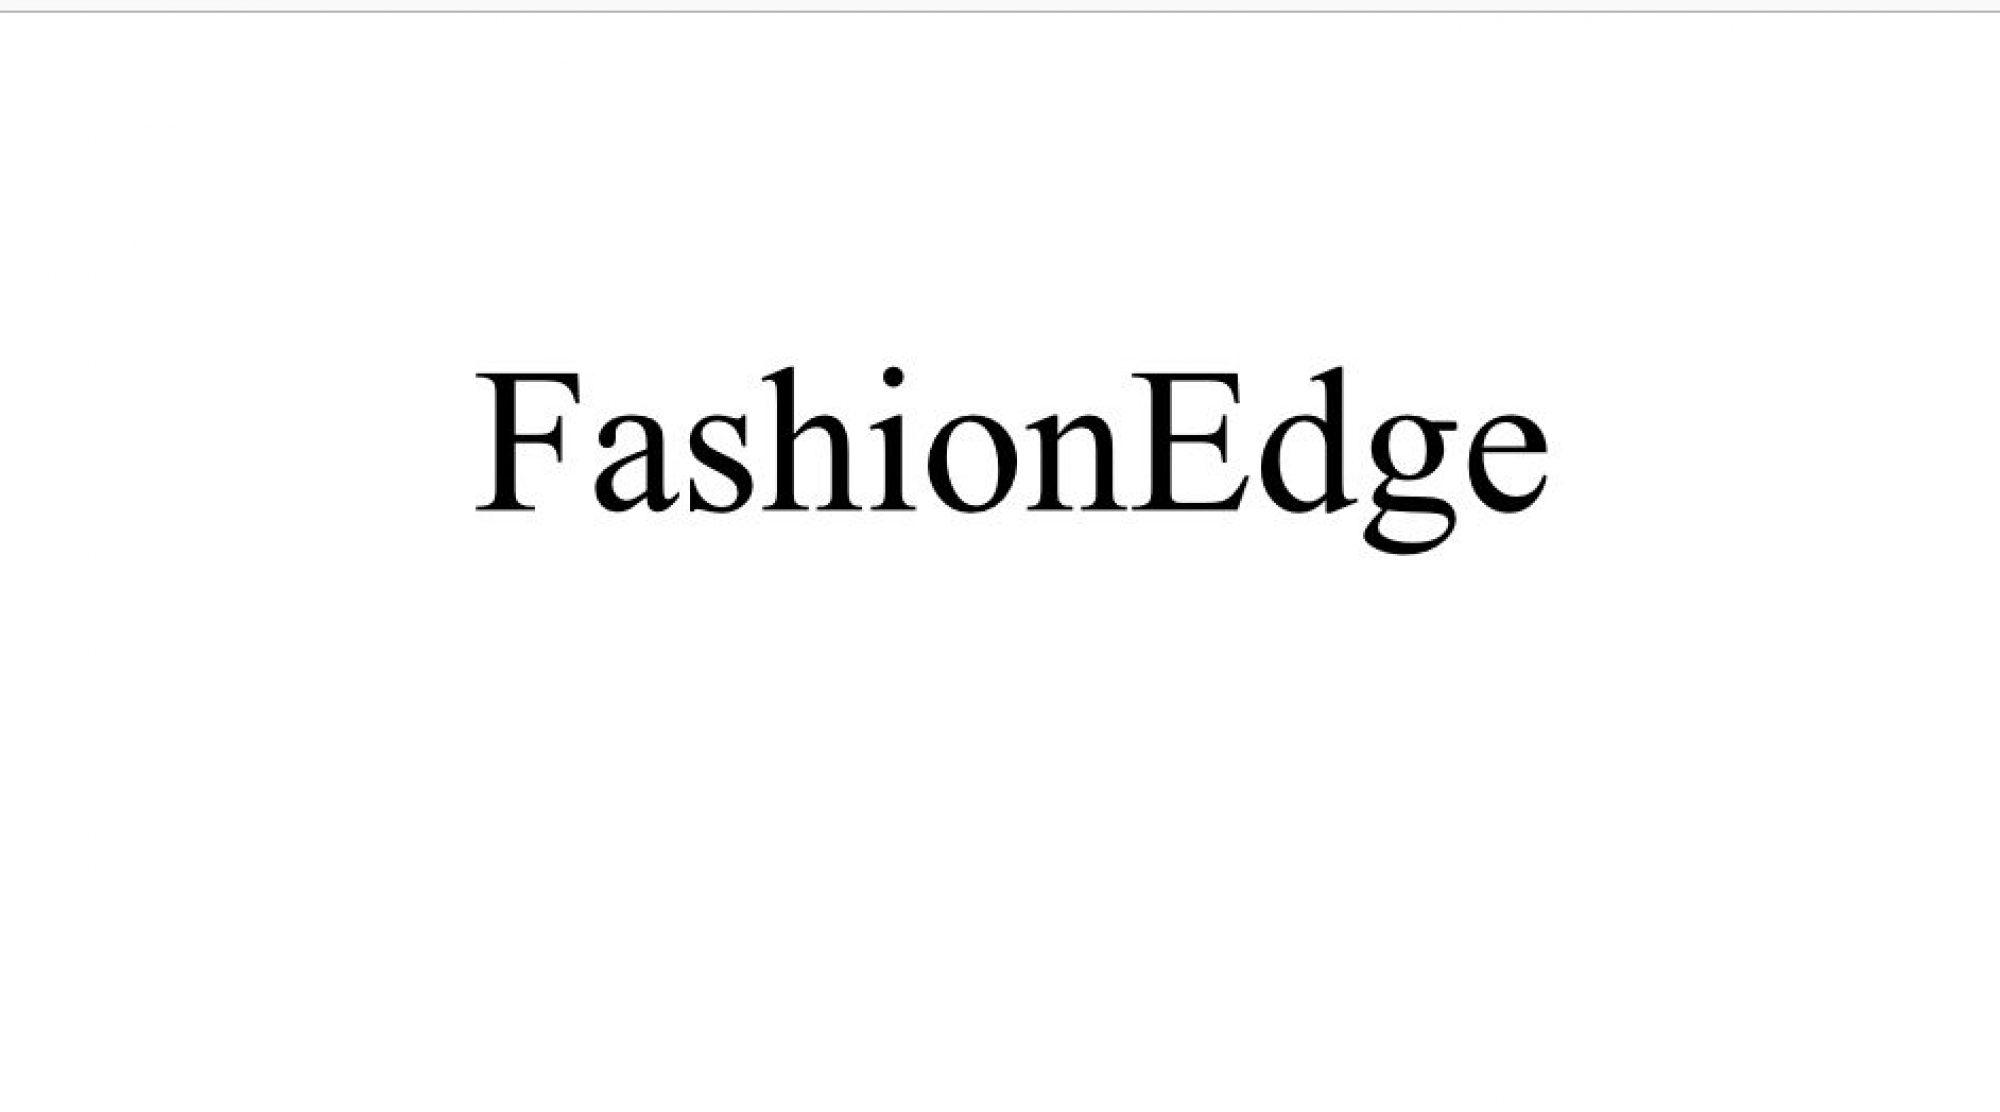 Fashionedge